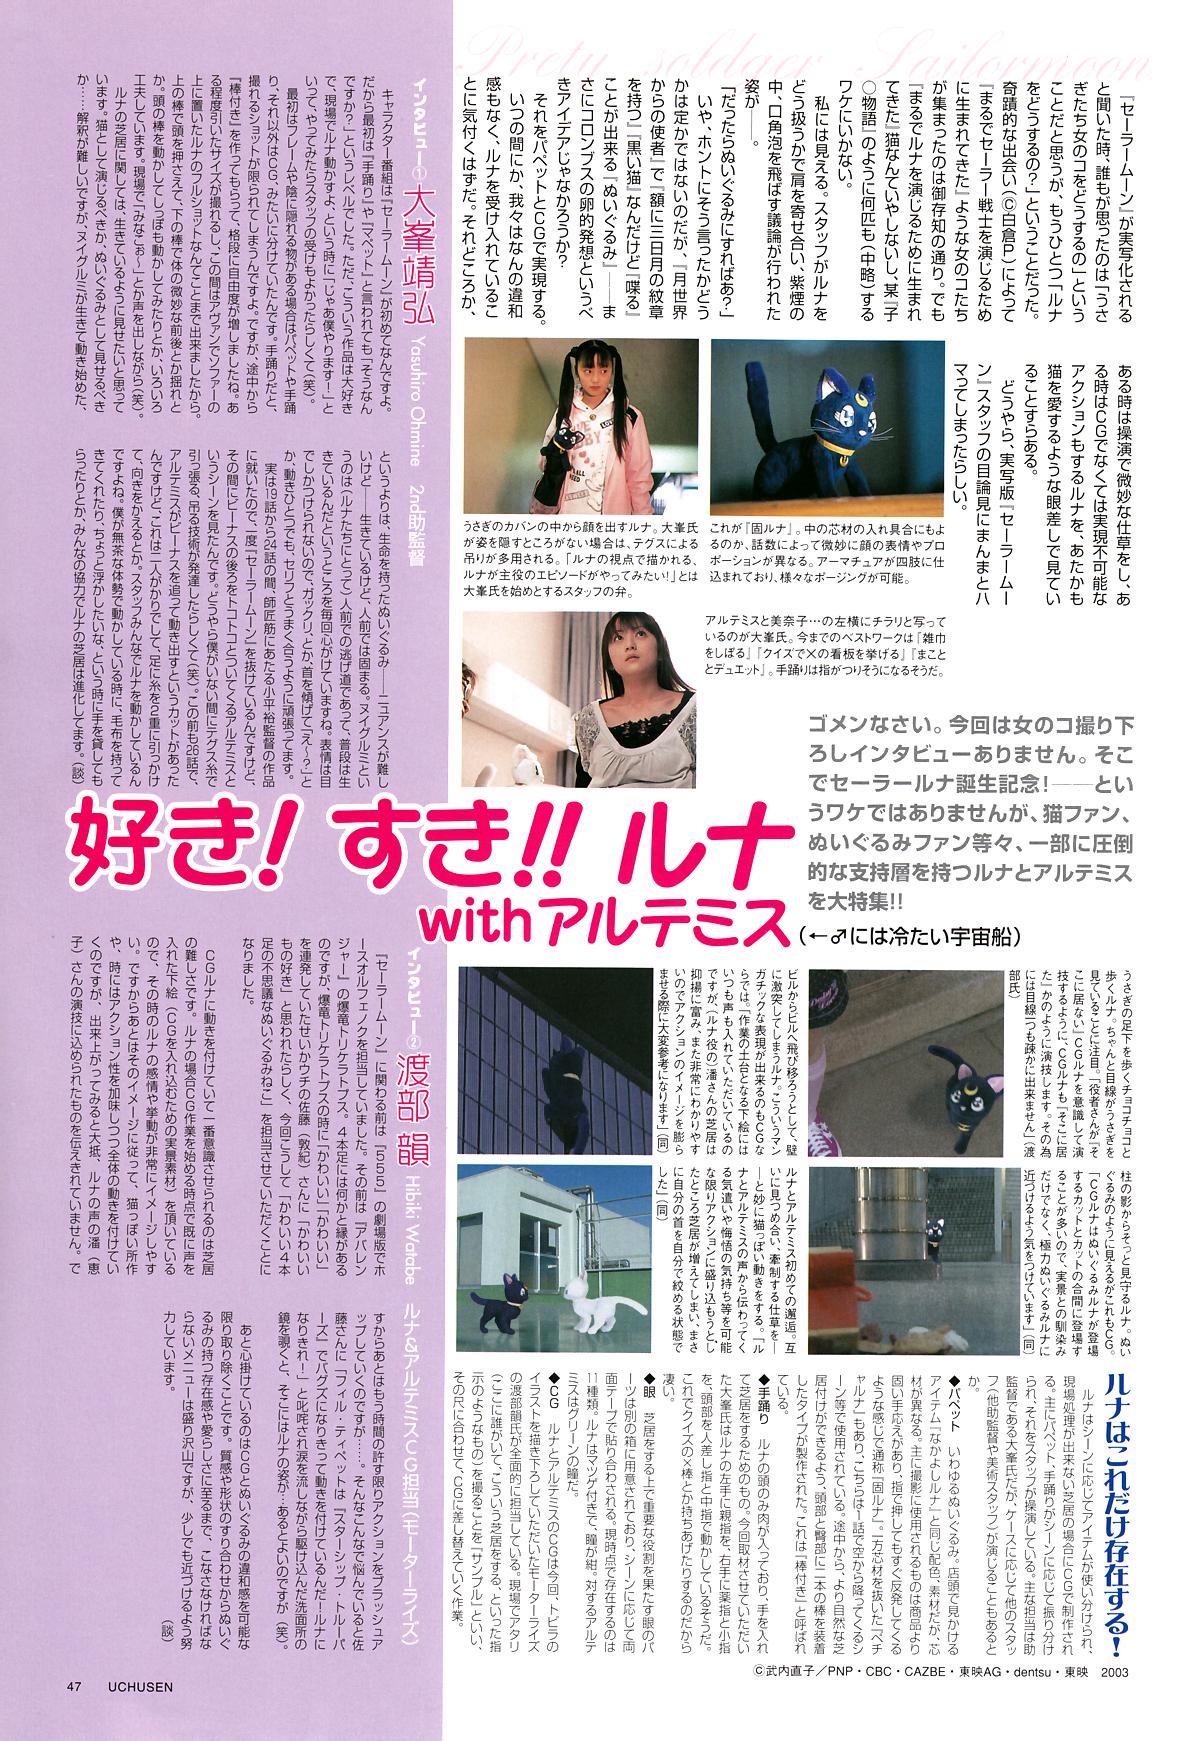 Uchusen_may_2004_04